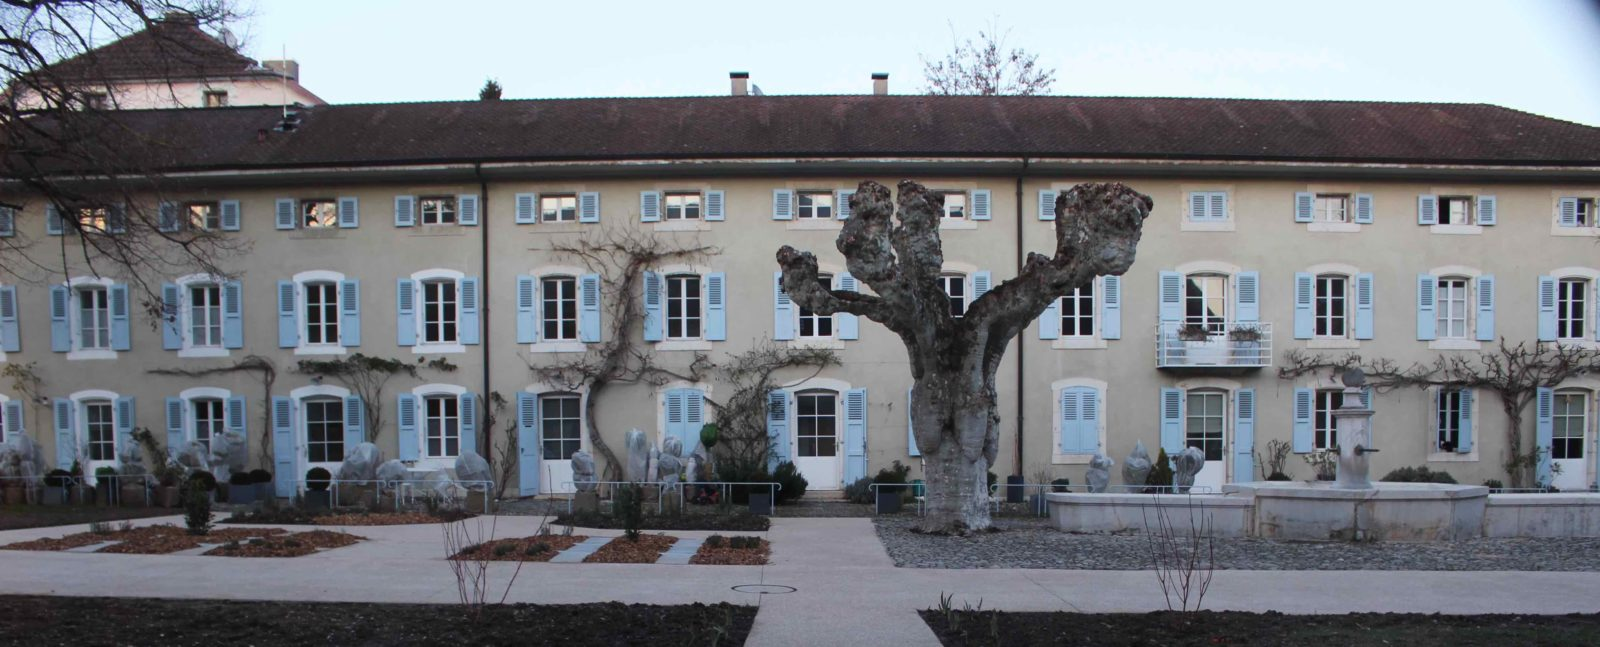 médiathèque de Ferney-Voltaire Logements ouvriers